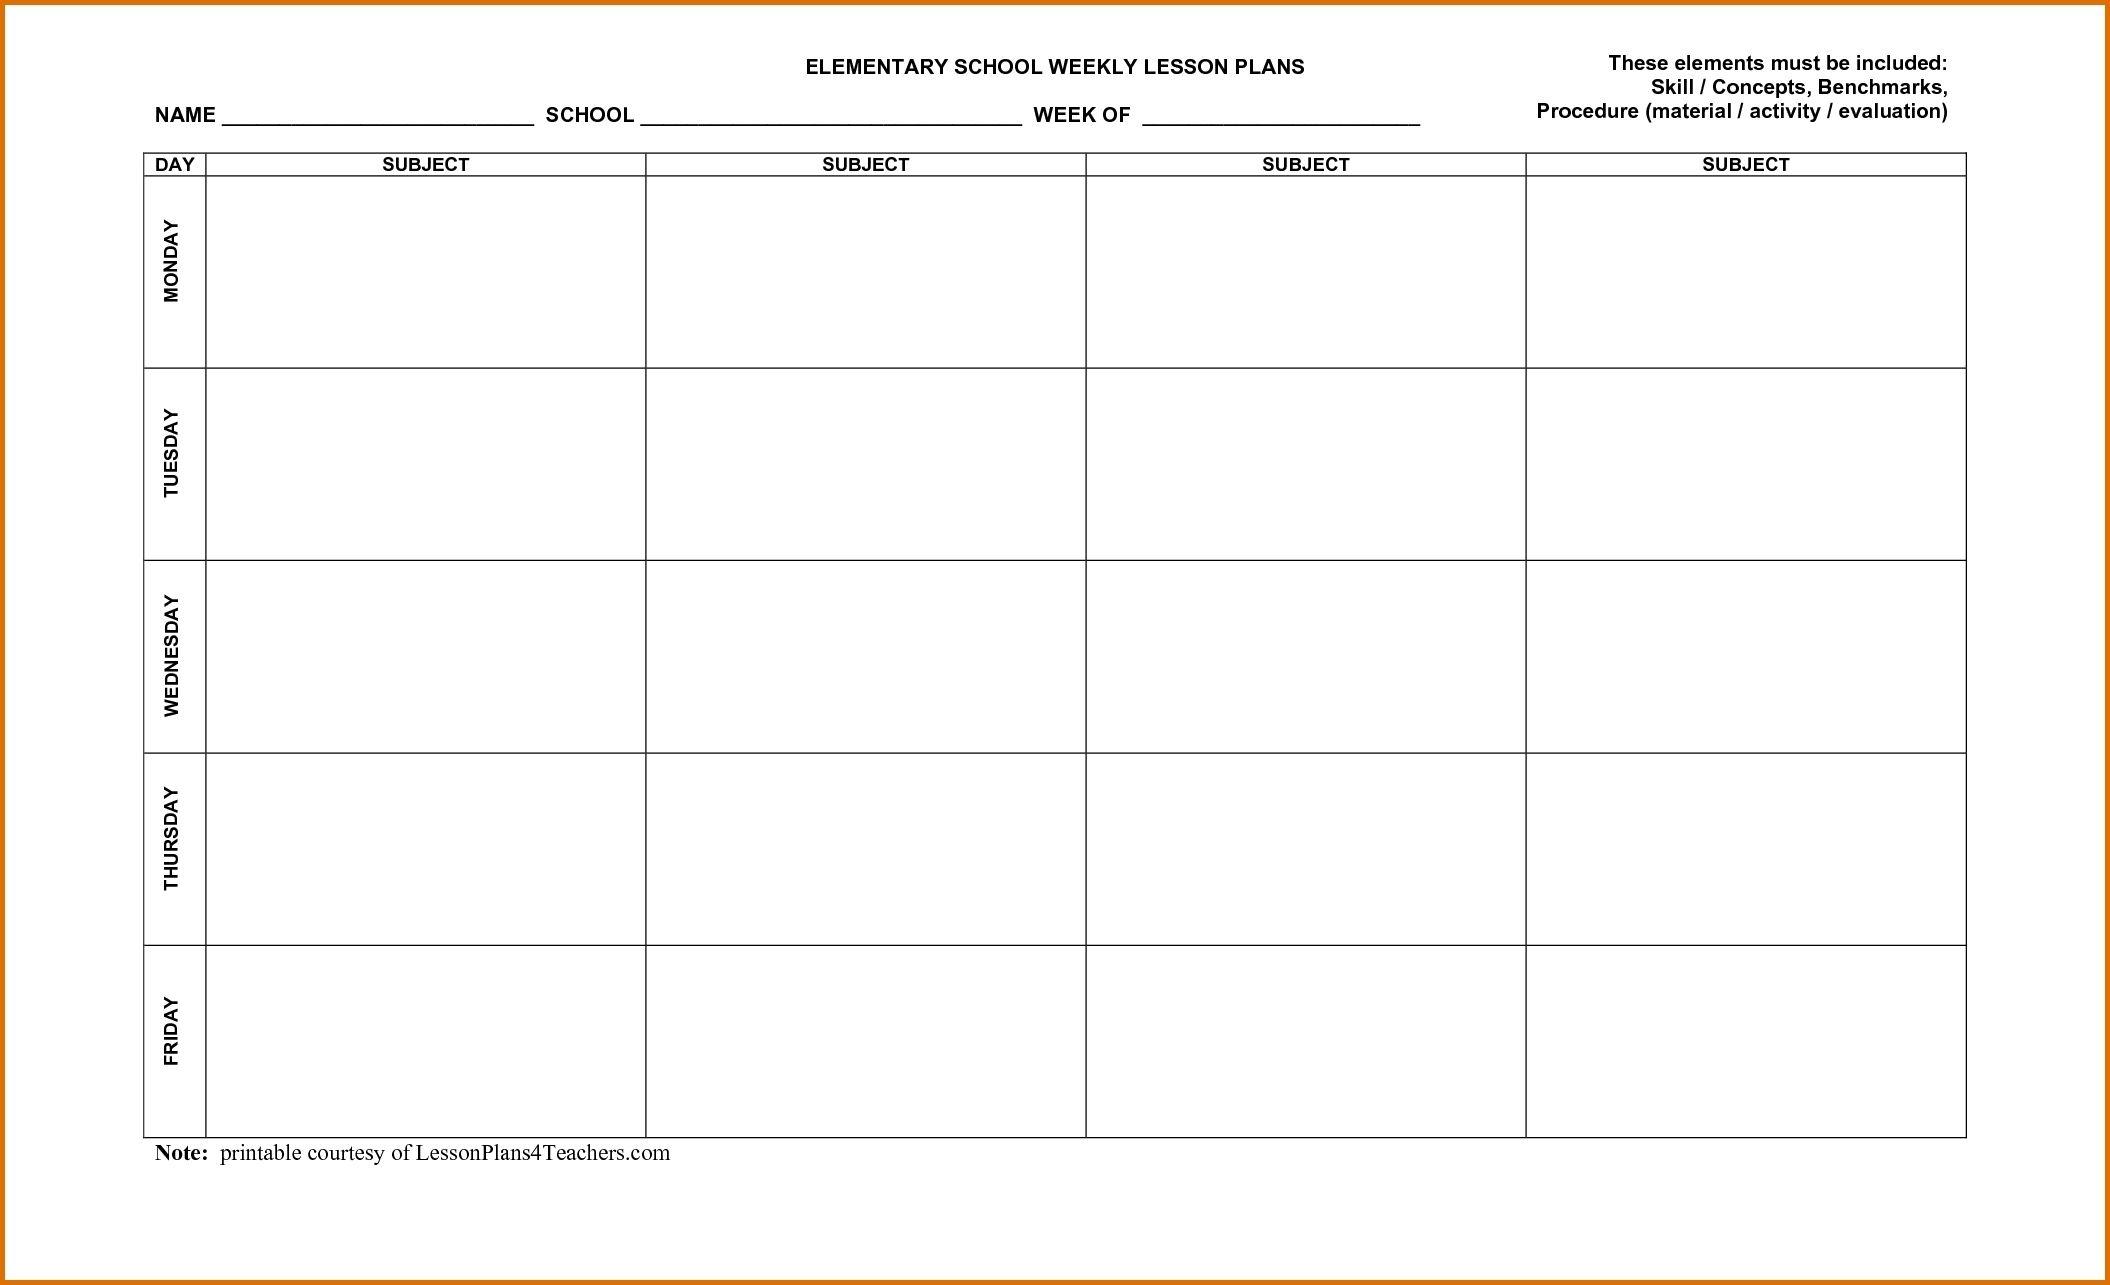 Lesson Plan Calendar October Blank Blank Calendar Template Dowload Teacher Plan Book Template Lesson Plan Template Free Weekly Lesson Plan Template